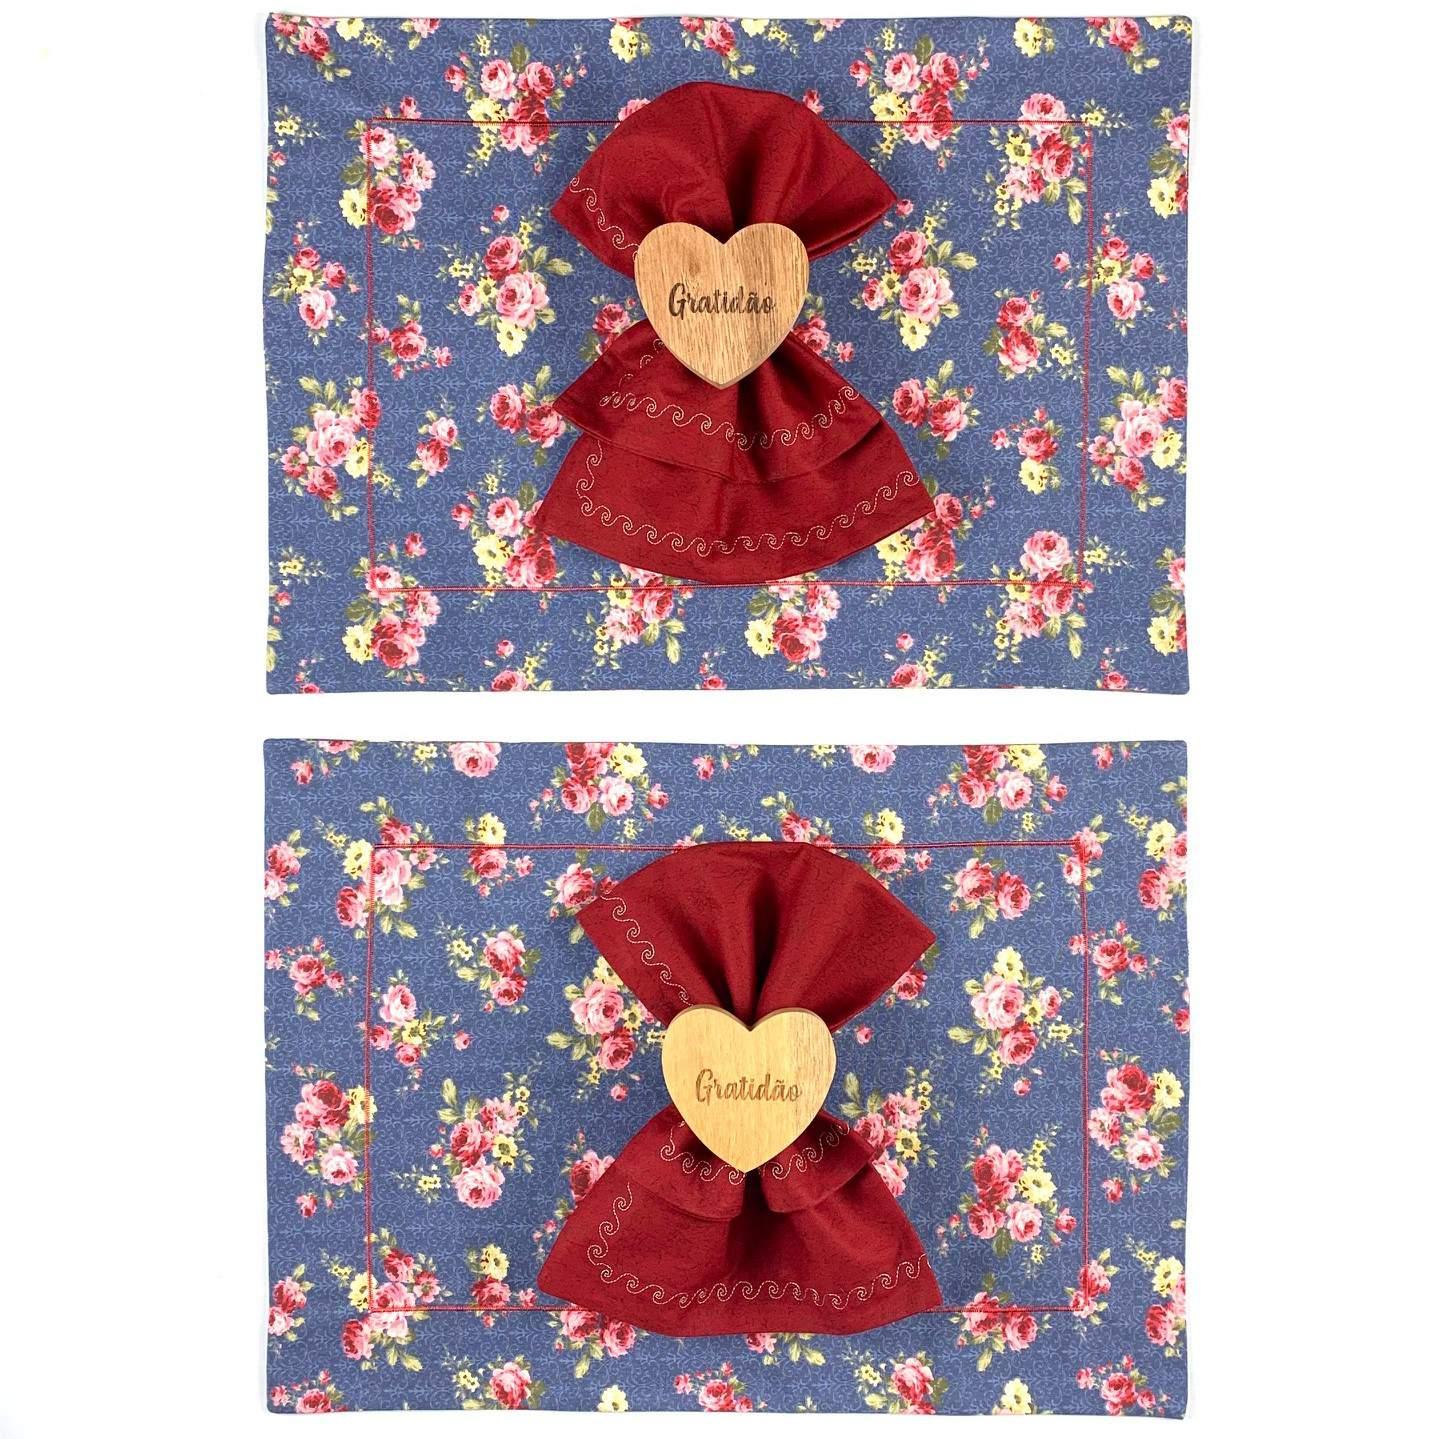 Box Gratidão Floral c/ 6 peças